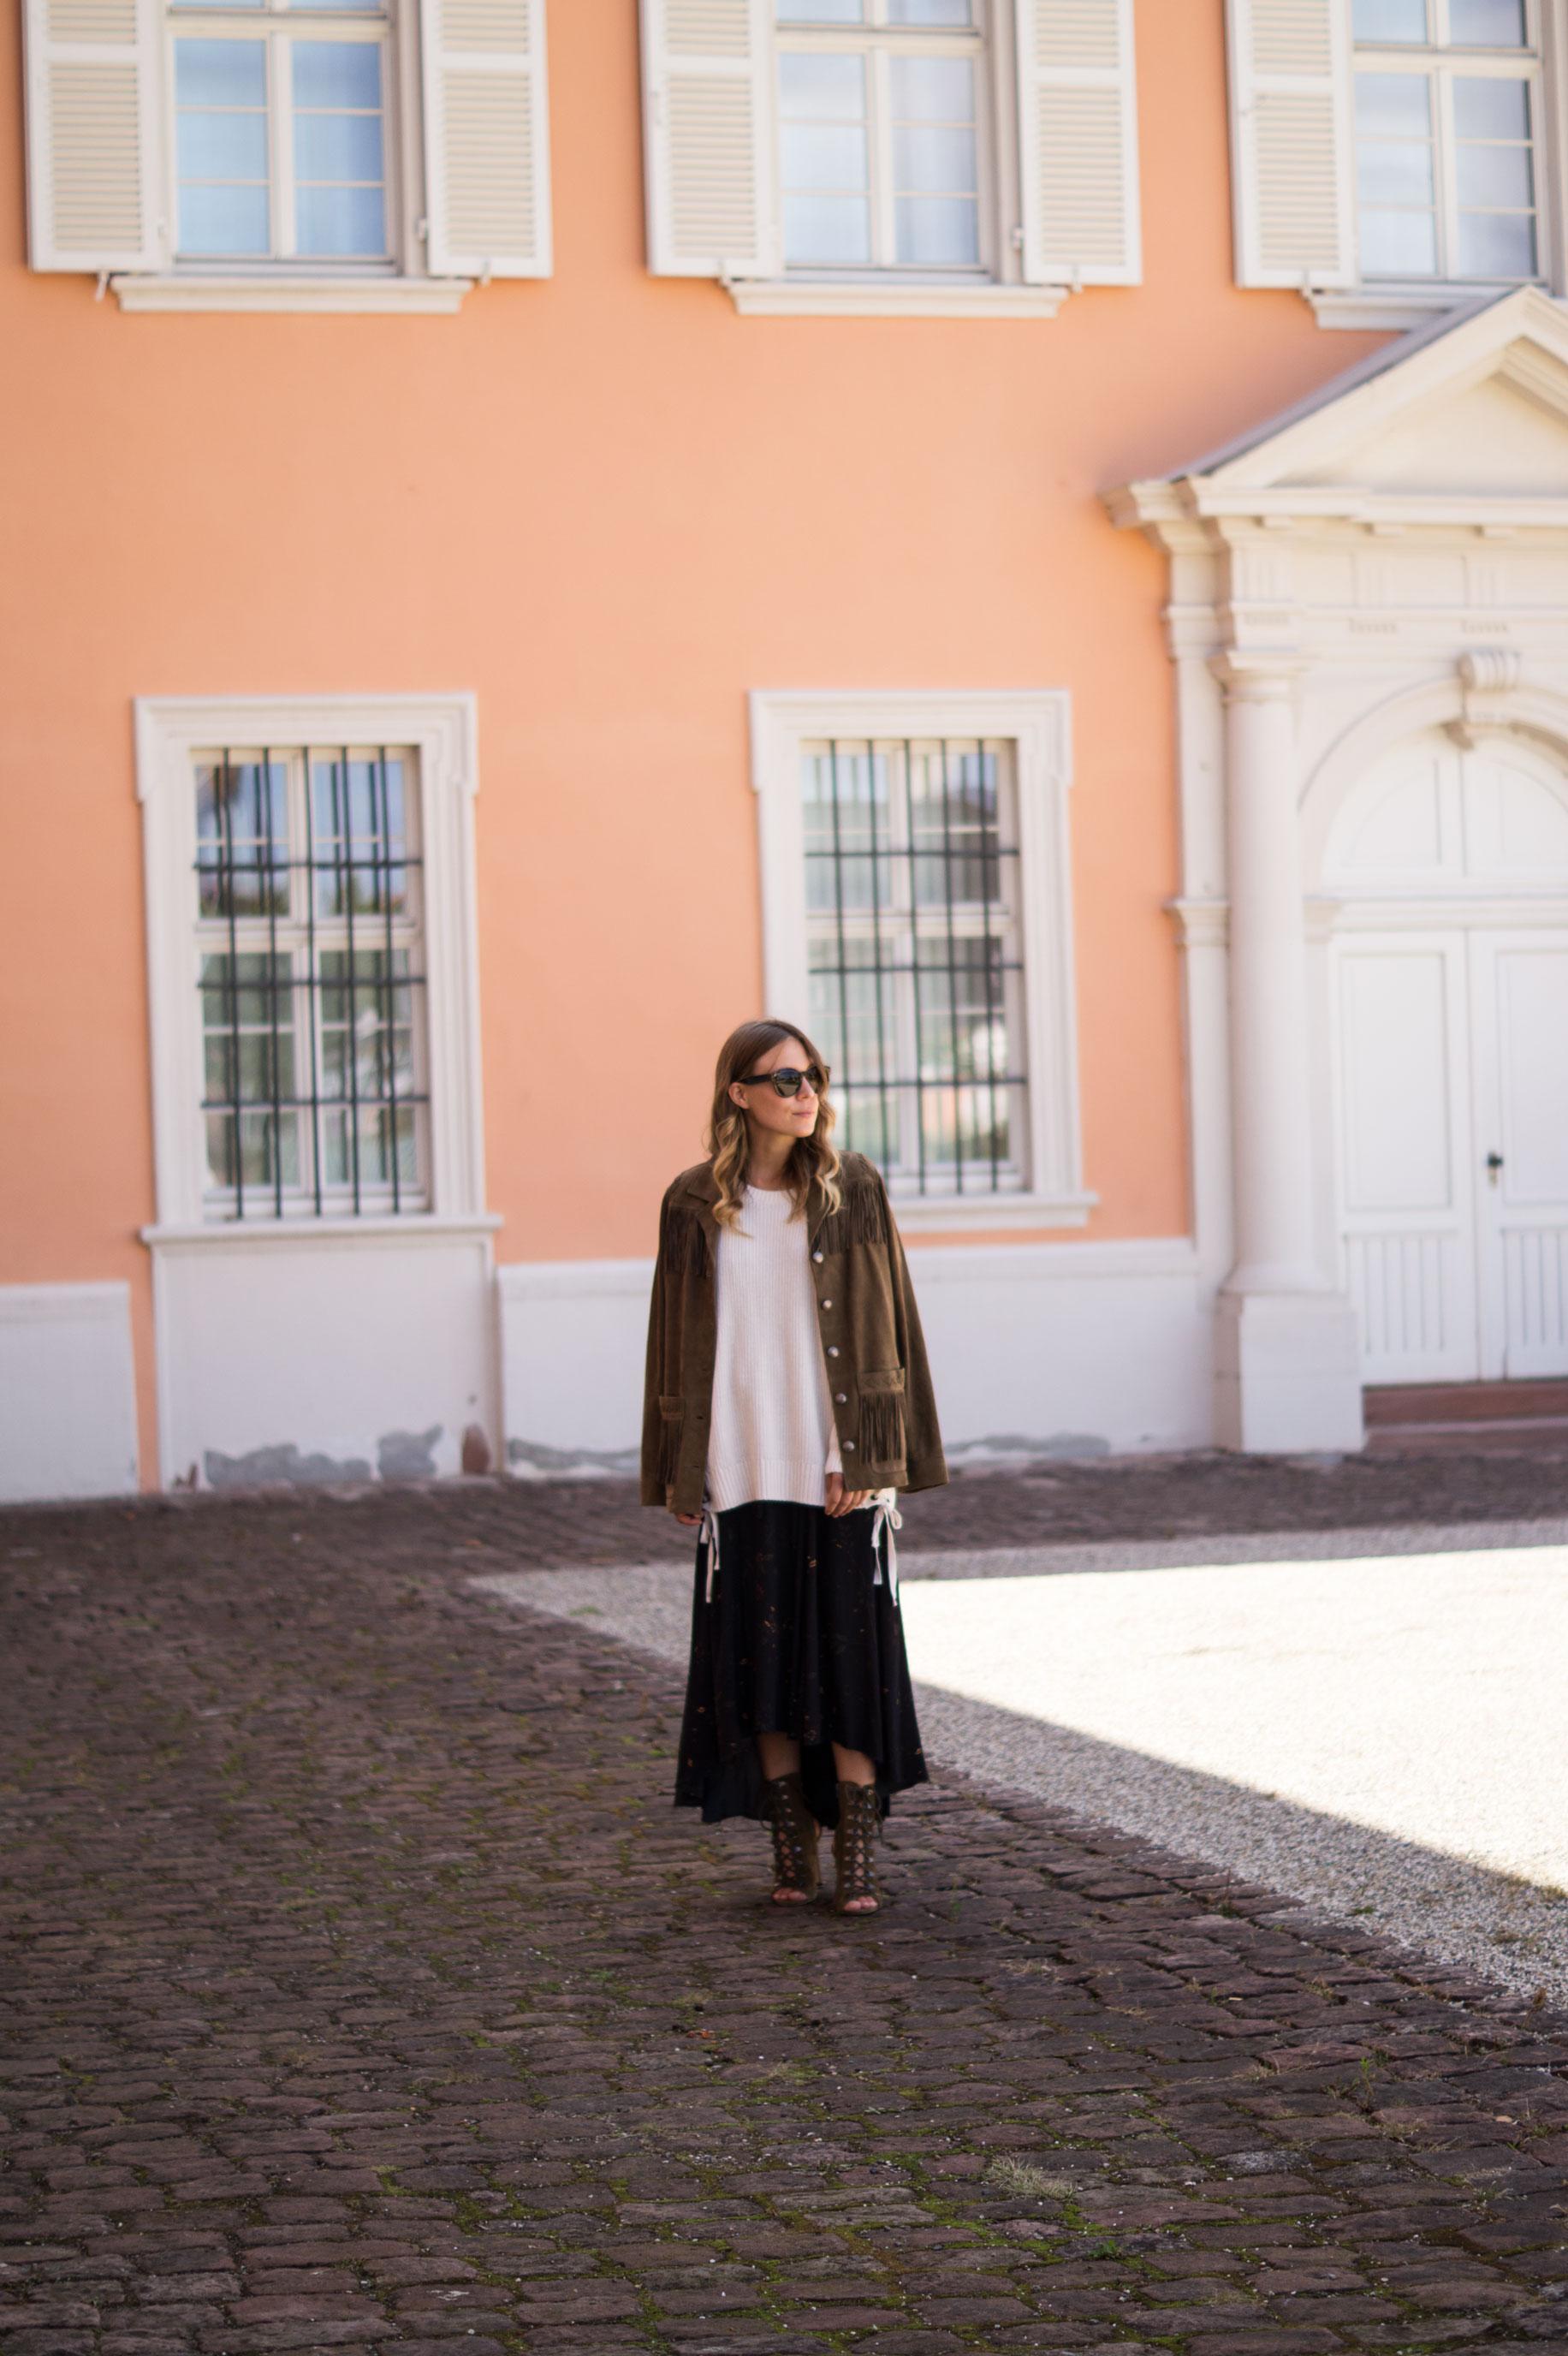 Fall Layers Herbstlook Fransenjacke Wildlederjacke Lace Up Heels Sariety Sarah Schaefer Modeblog Heidelberg_2